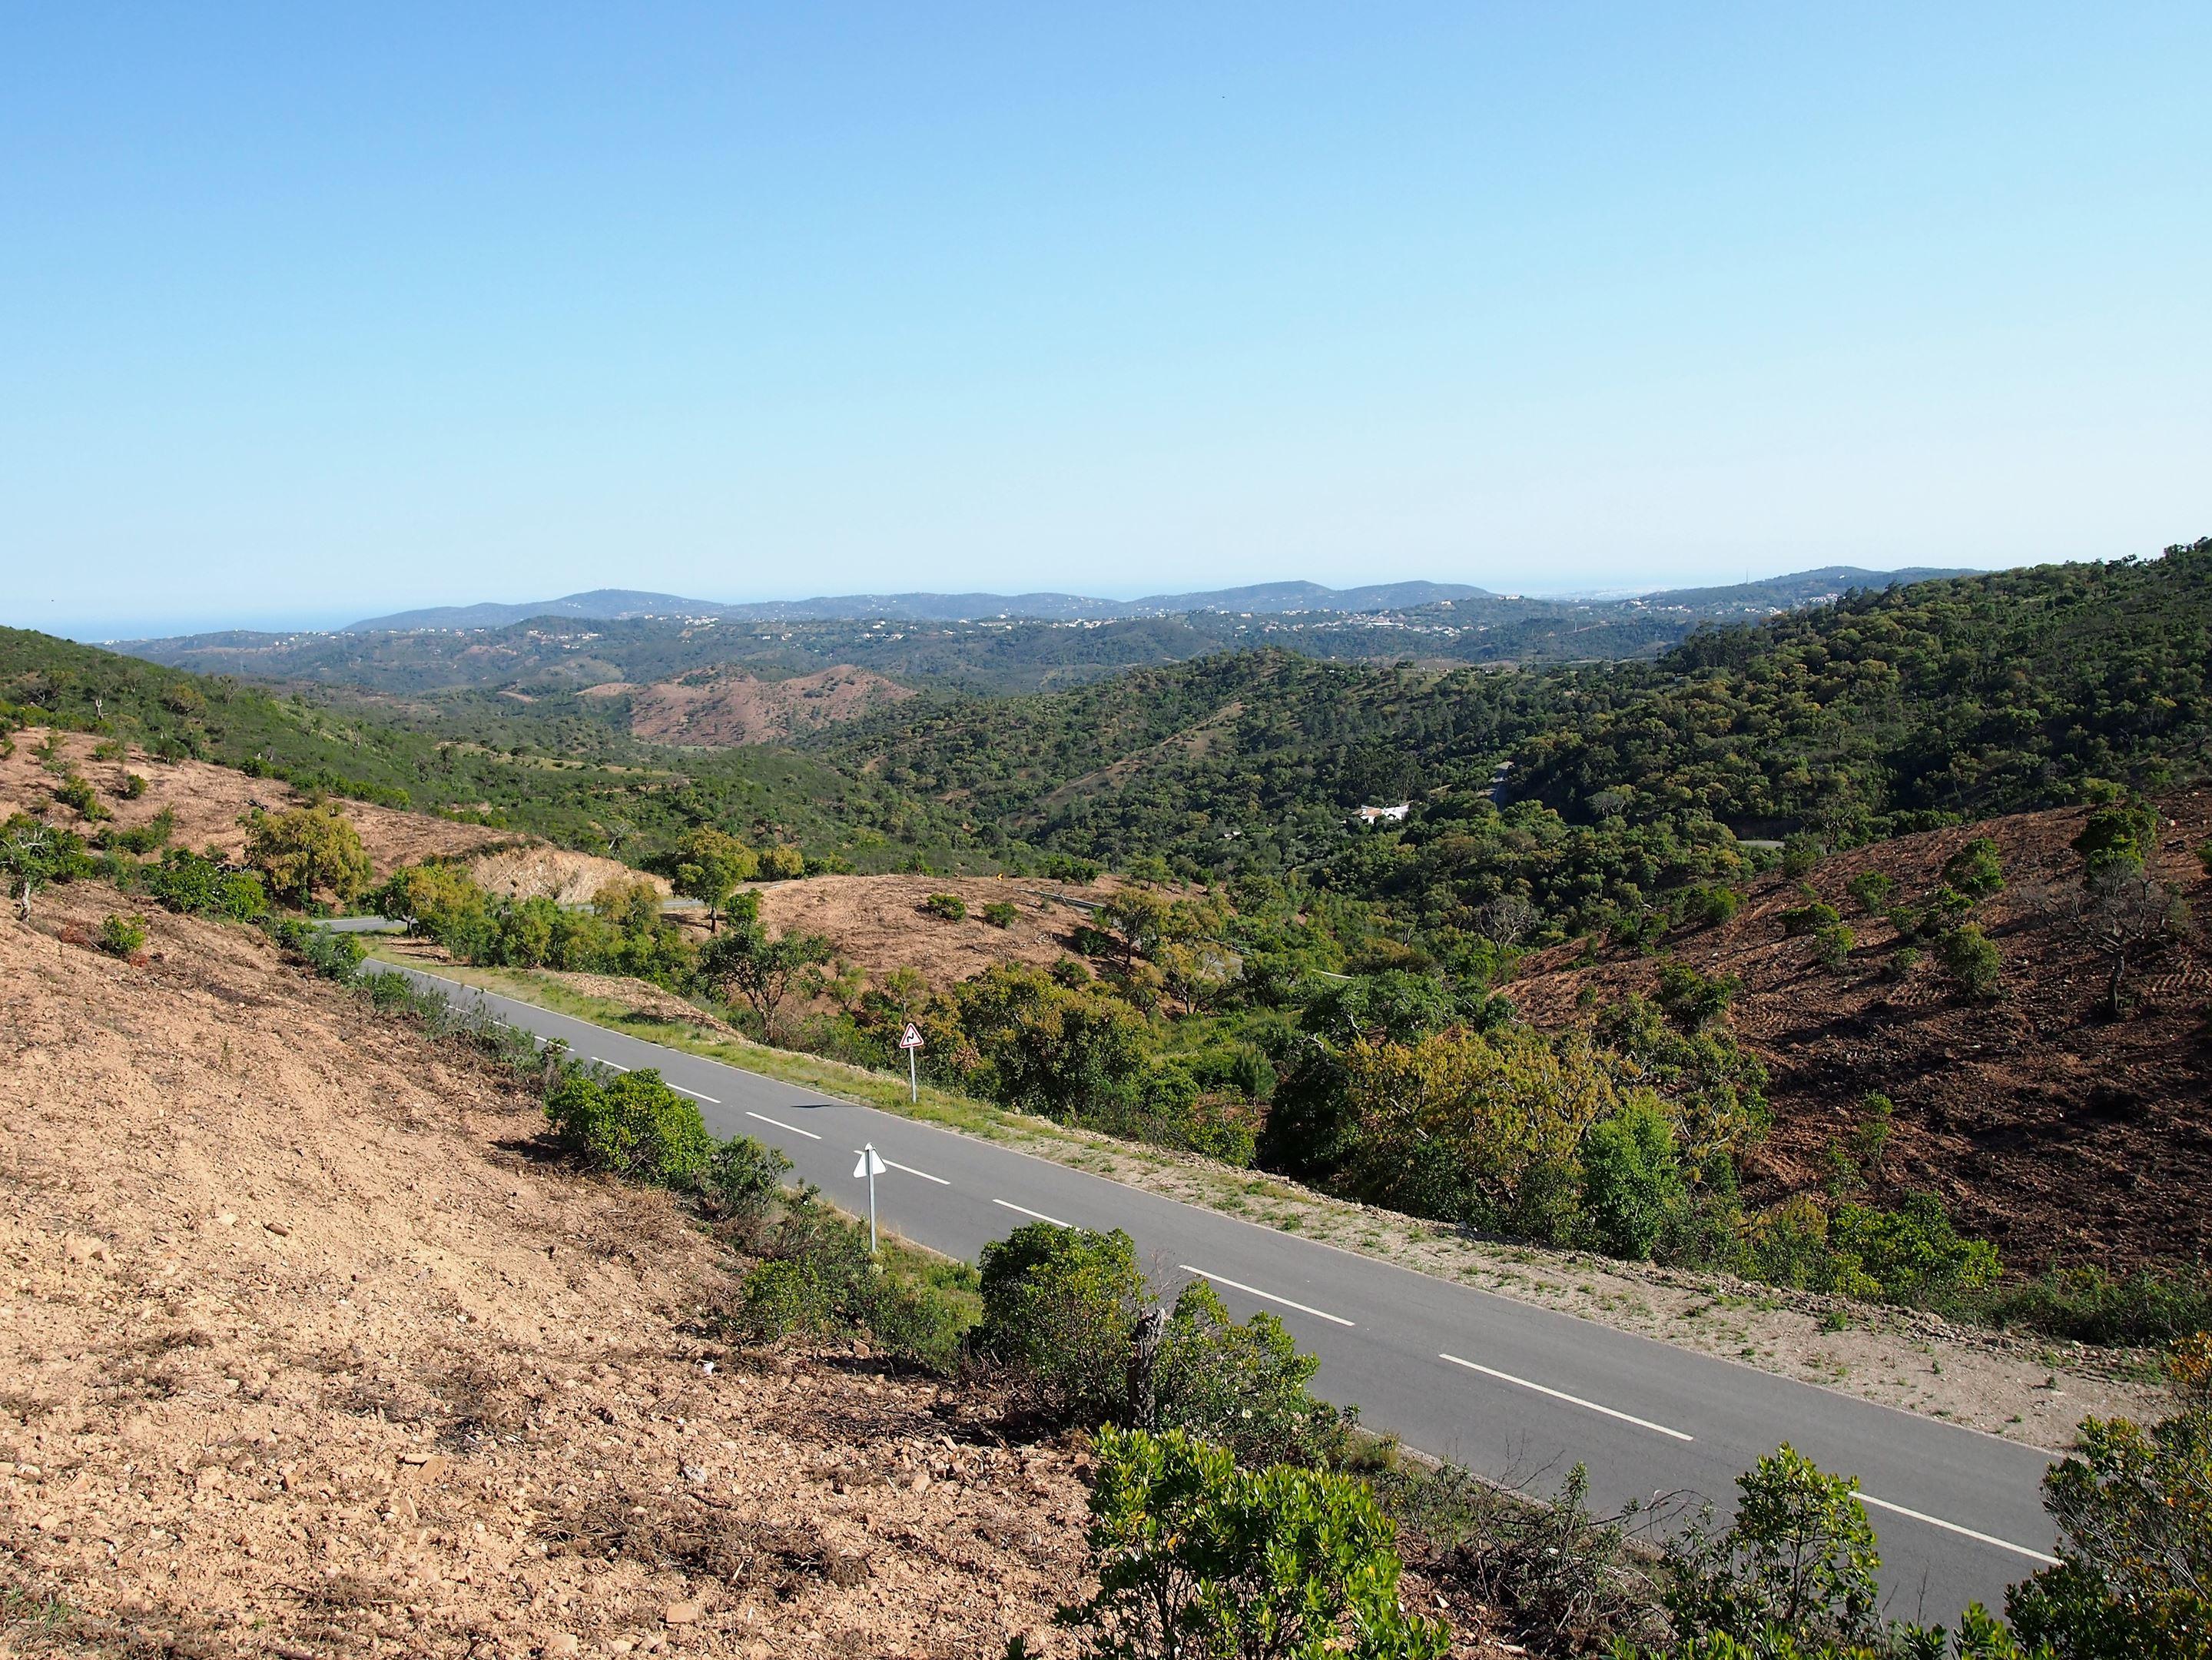 Miradouro do Alto da Ameixeira, en las colinas de Serra do Caldeirão, cerca de São Brás de Alportel